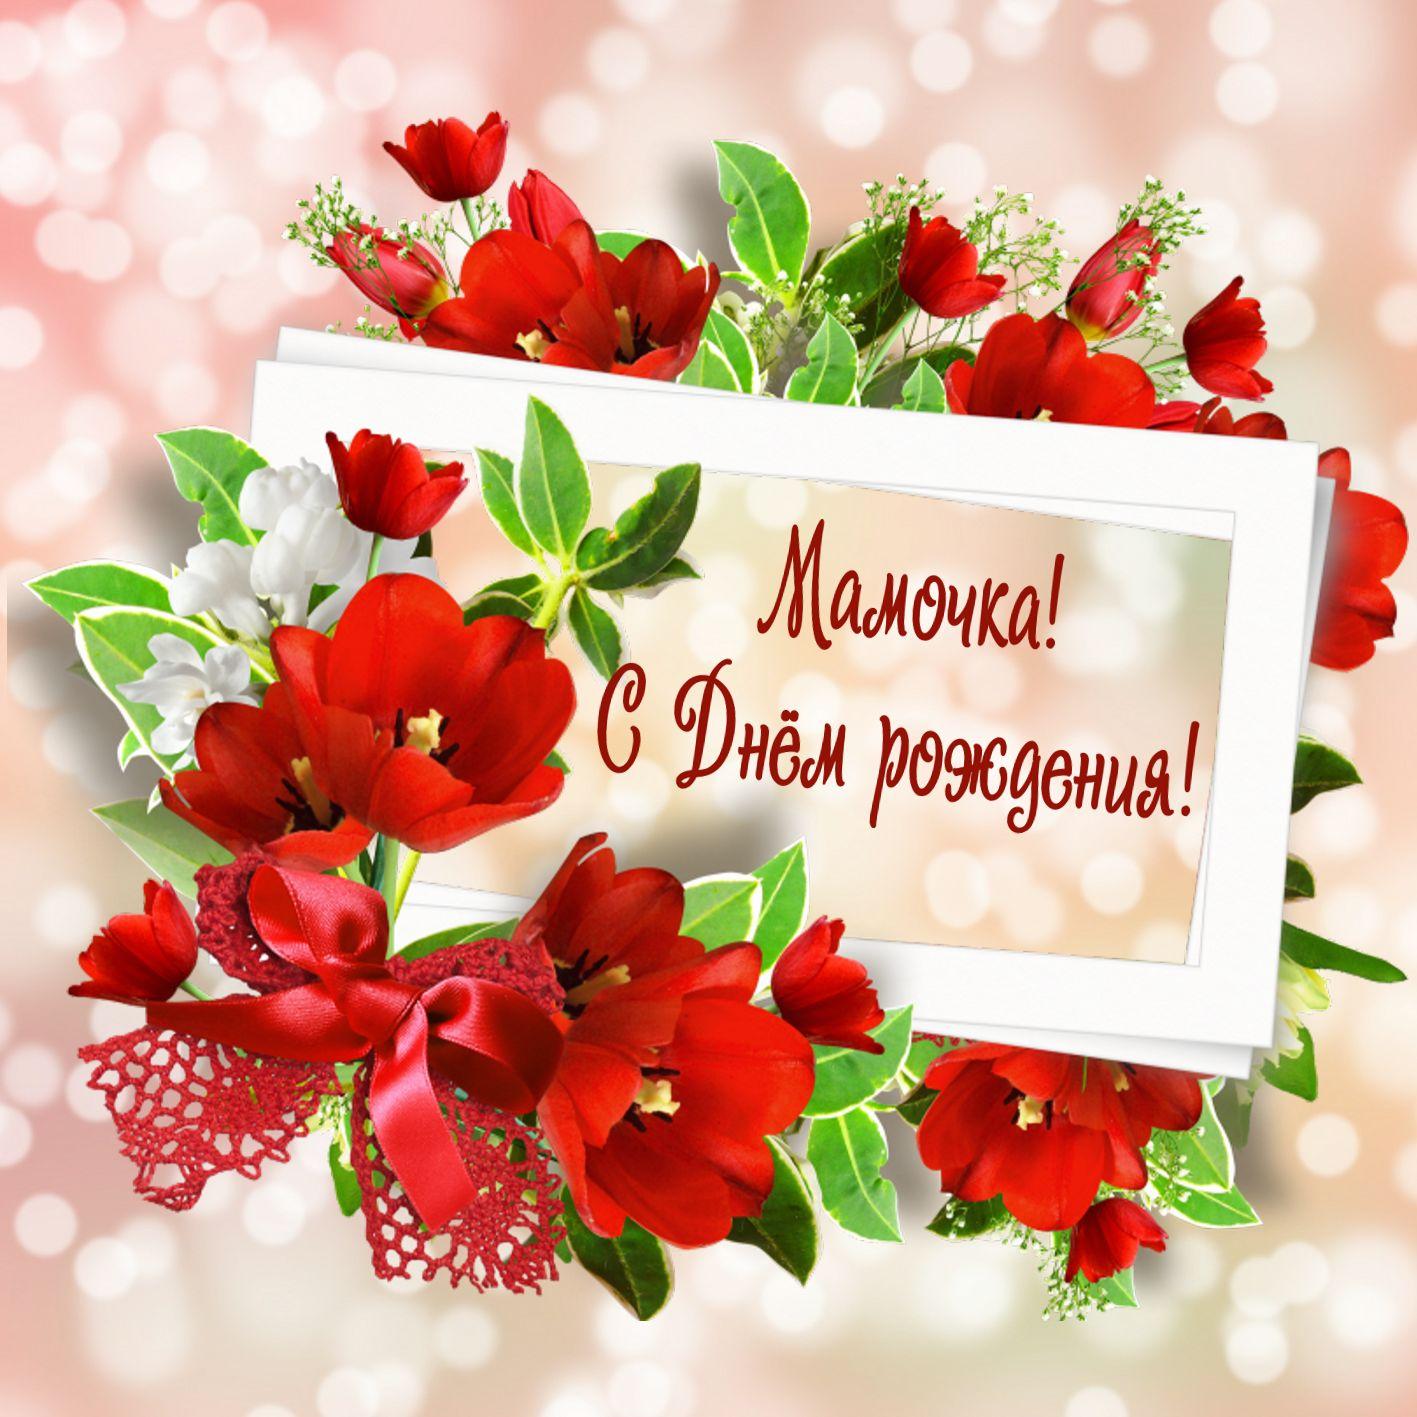 Открытка с Днём рождения маме - красивые красные цветы на сияющем фоне